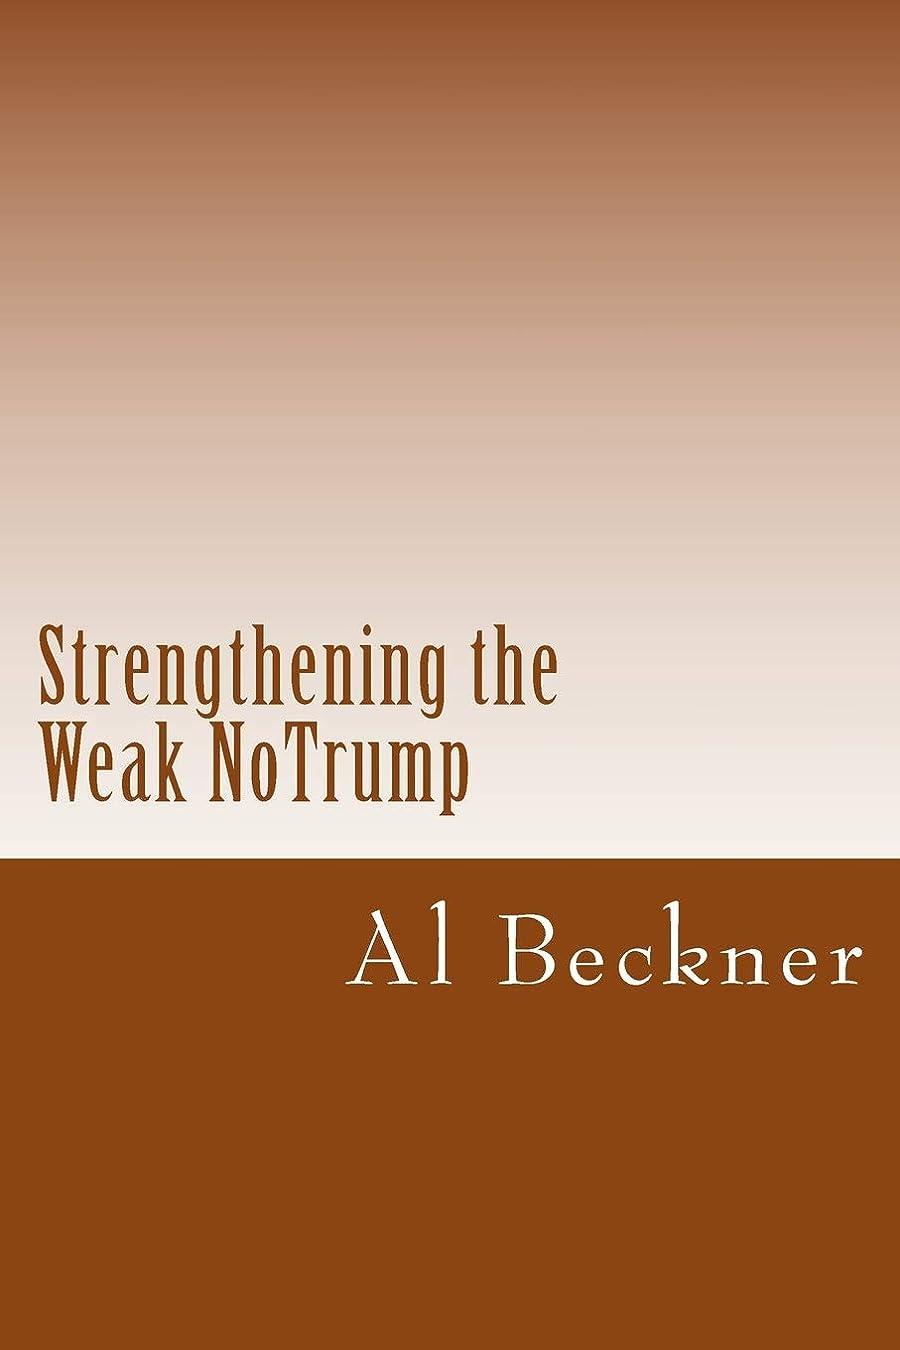 赤まもなく軽蔑Strengthening the Weak NoTrump